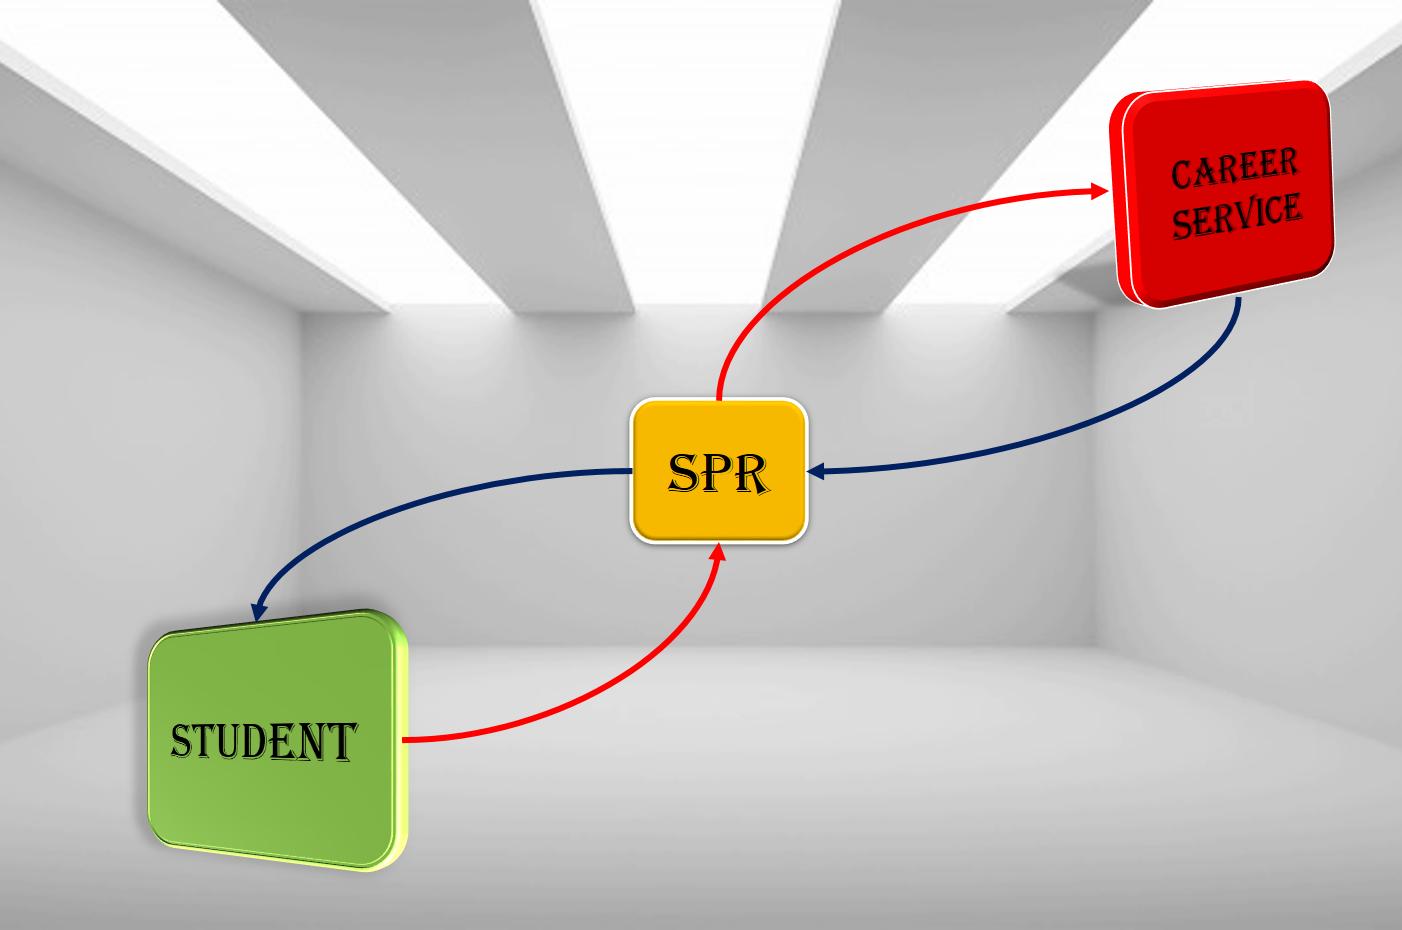 Careerservice -SPR-Students (LOOP)